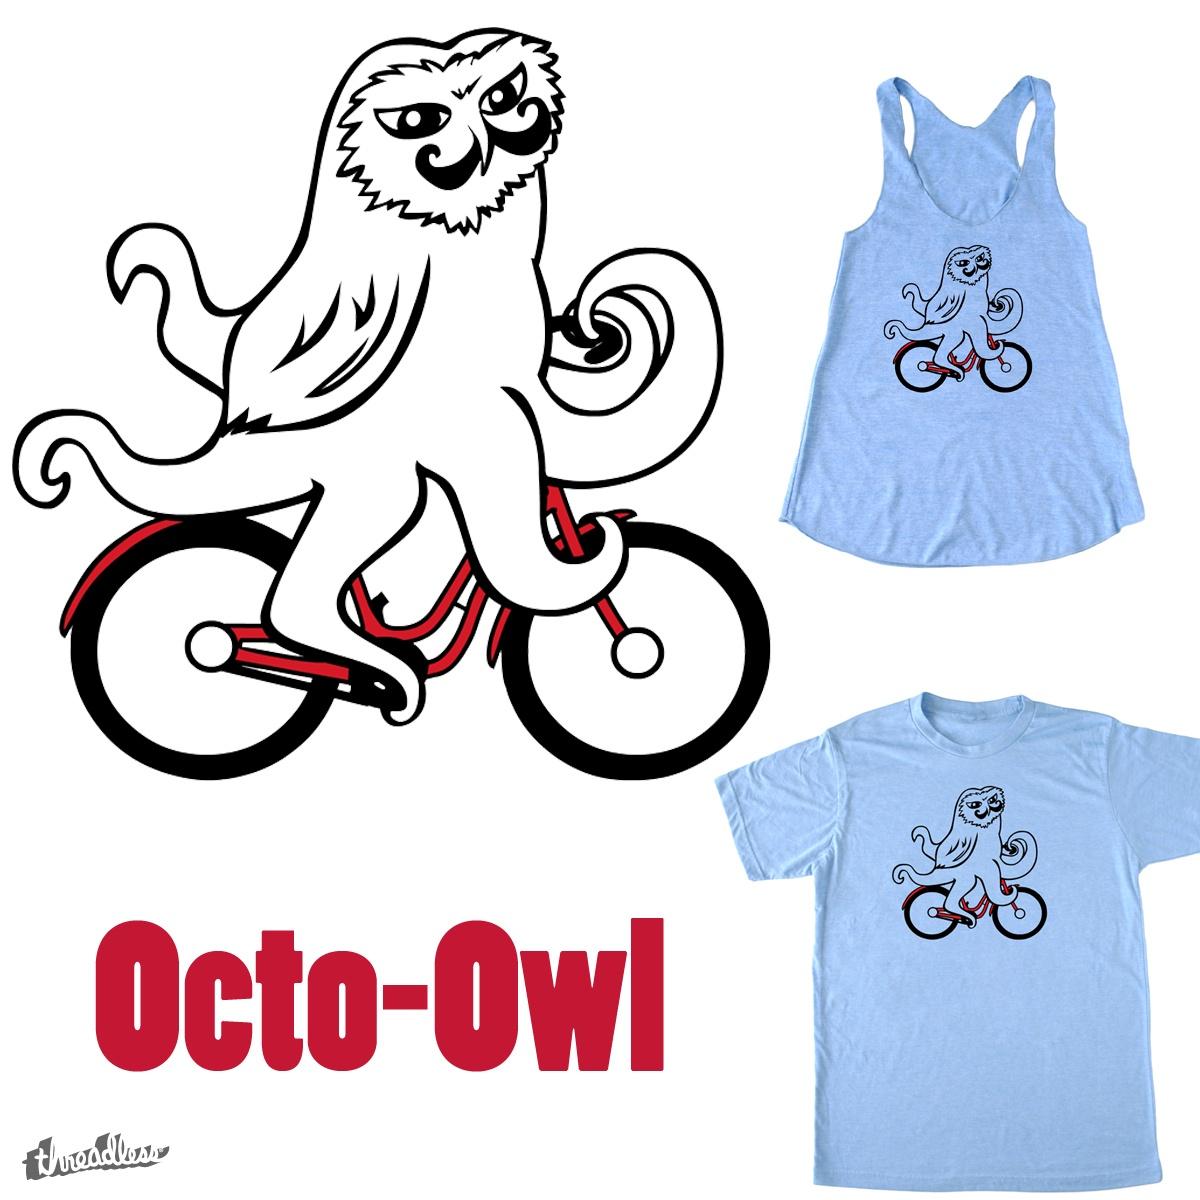 Octo-Owl by cyndi_lou_77 on Threadless